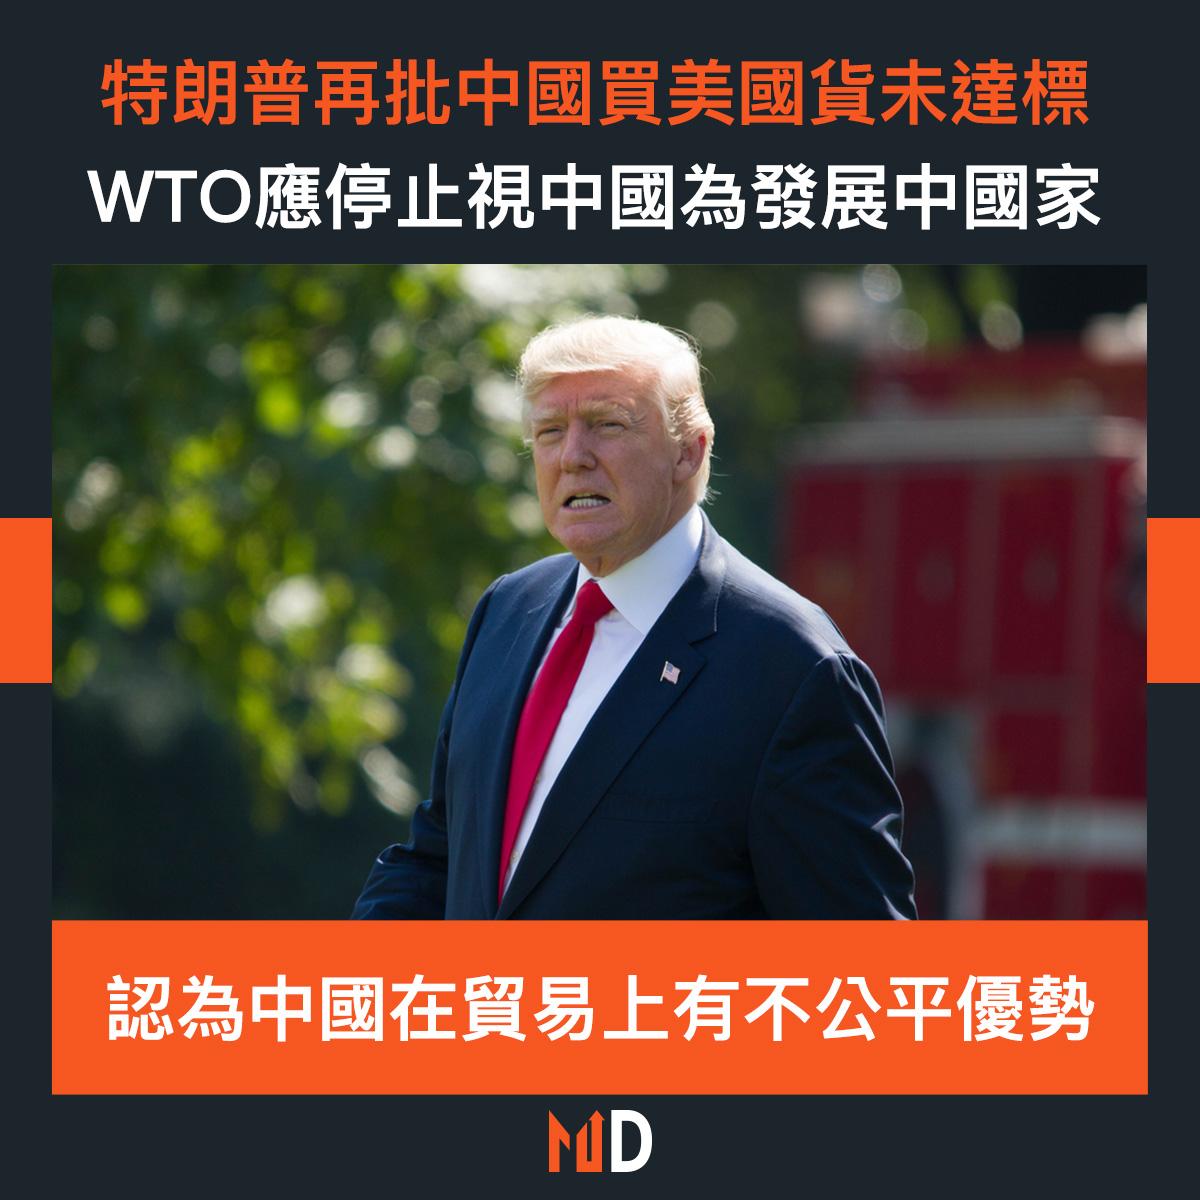 【市場熱話】特朗普再批中國買美國貨未達標,WTO應停止視中國為發展中國家